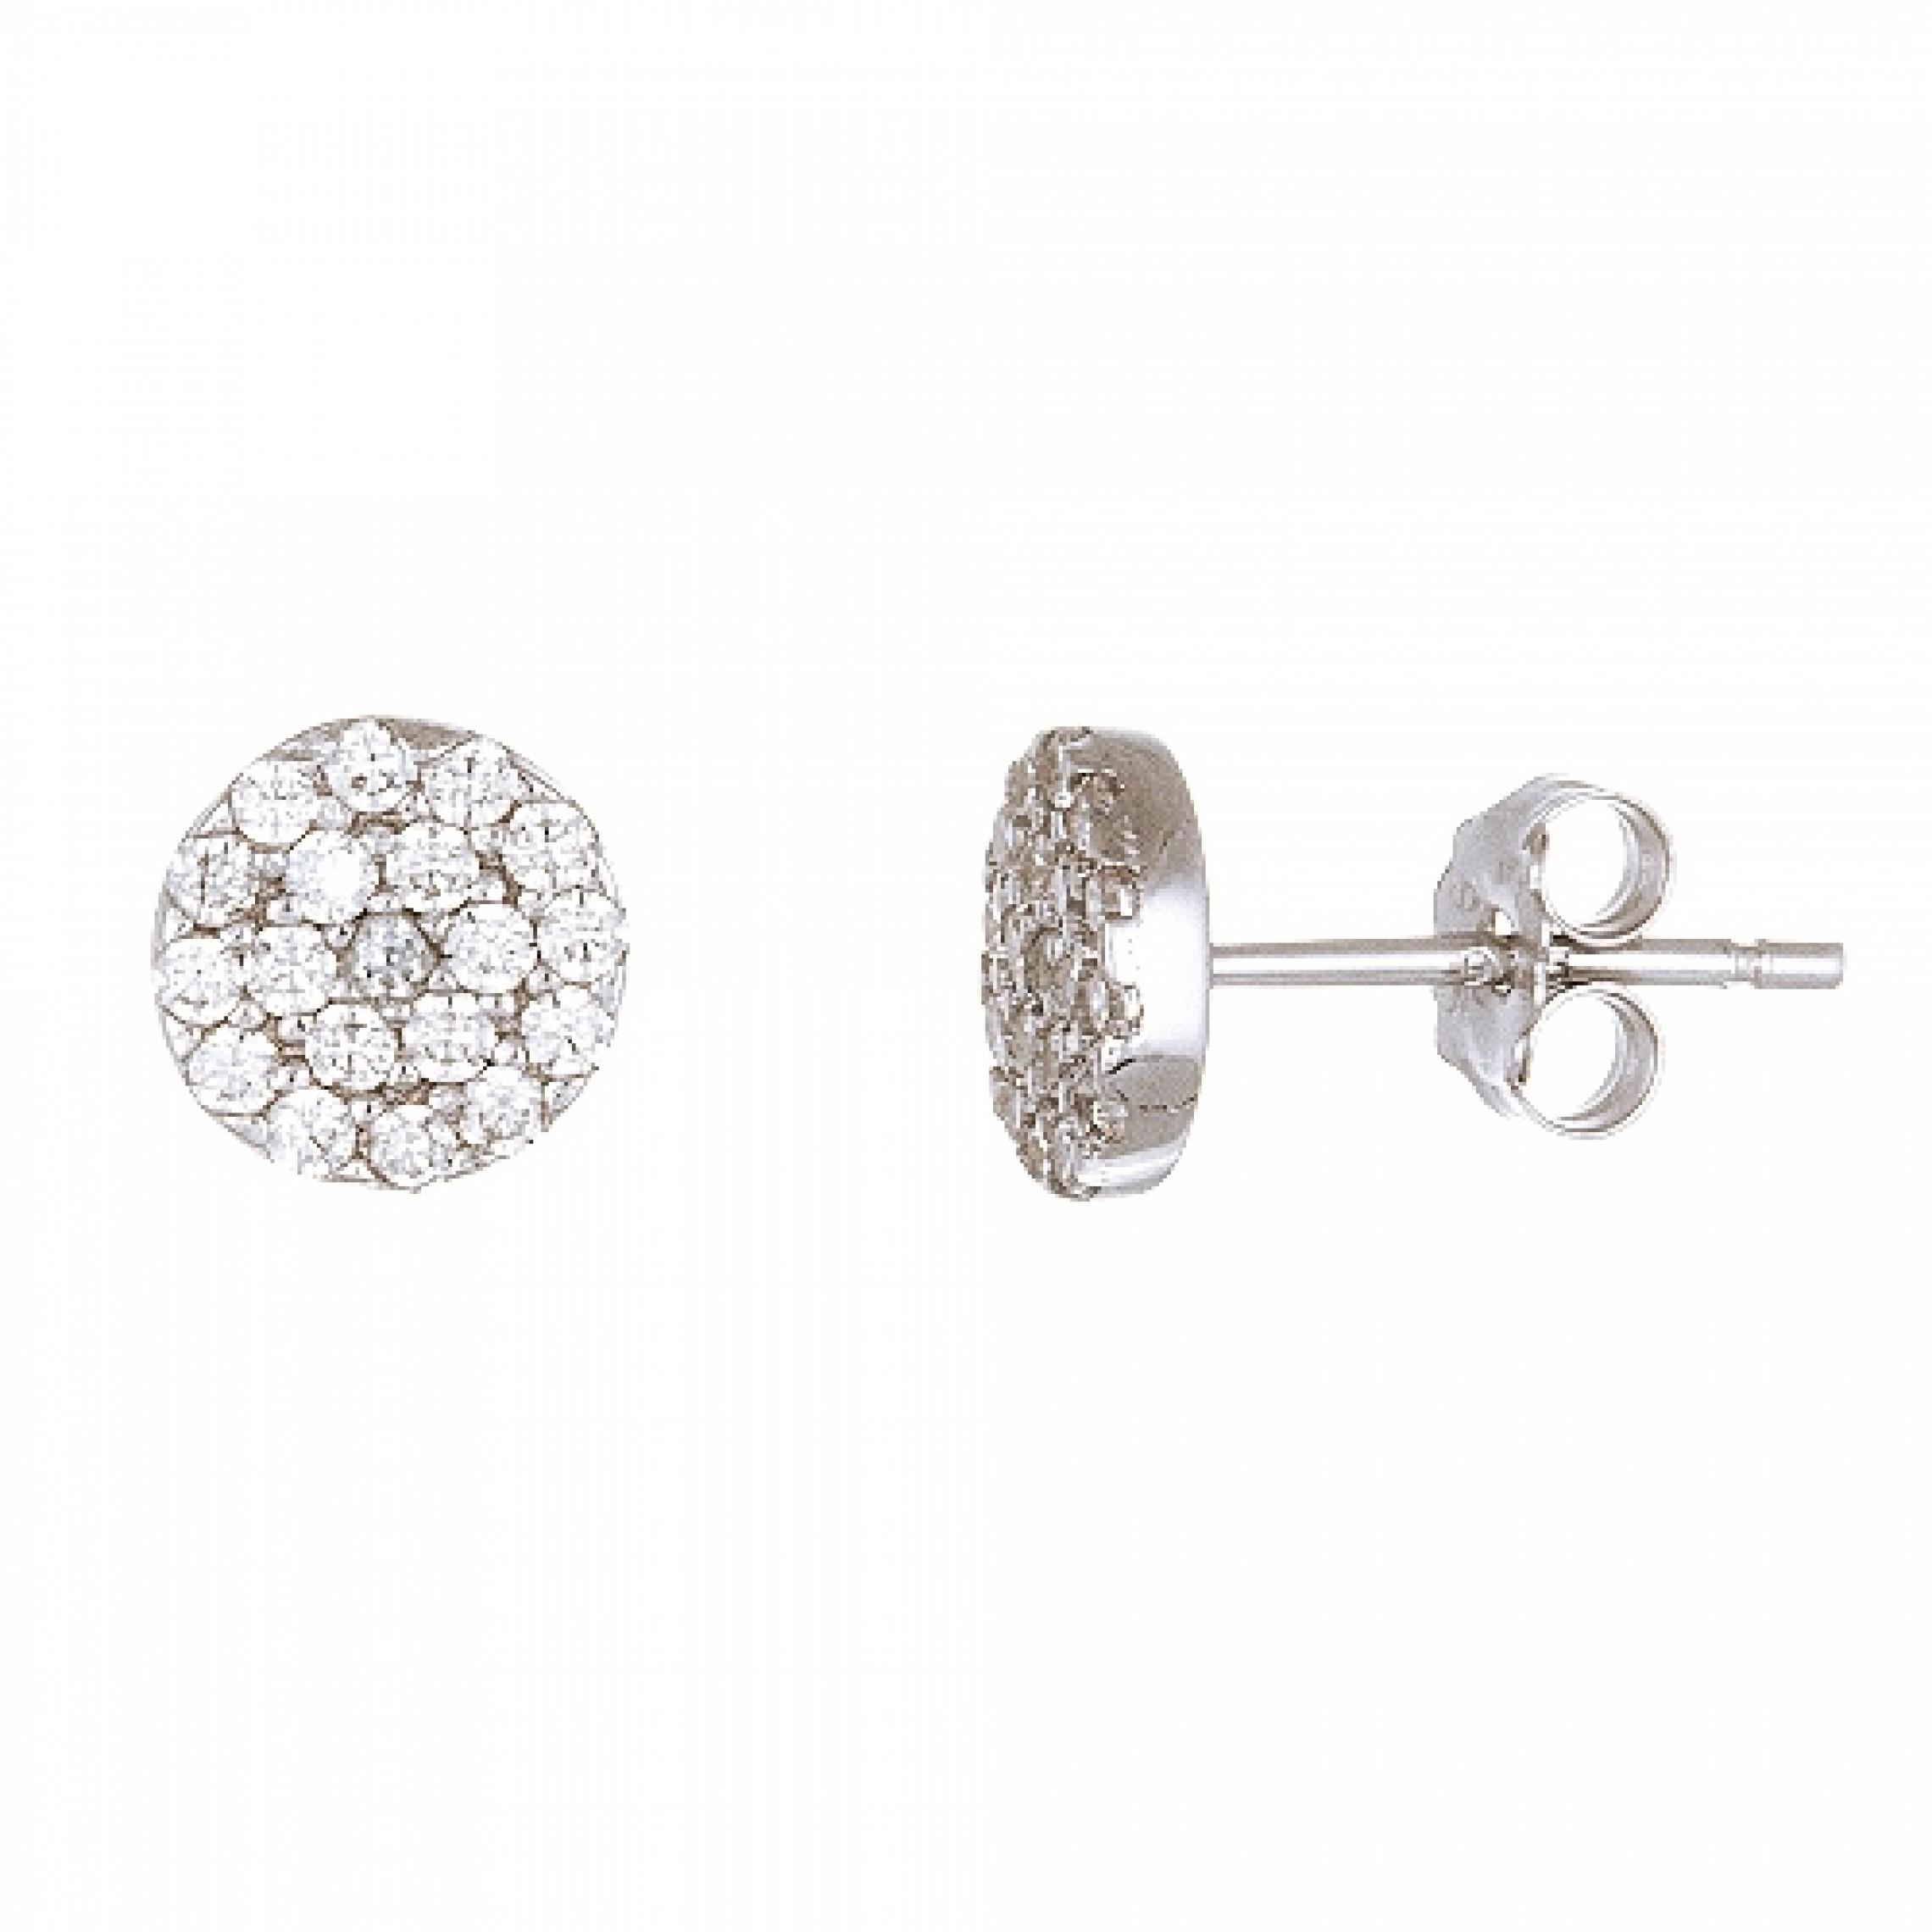 JE-210001 Evil Eye 925 Sterling Silver CZ Earrings